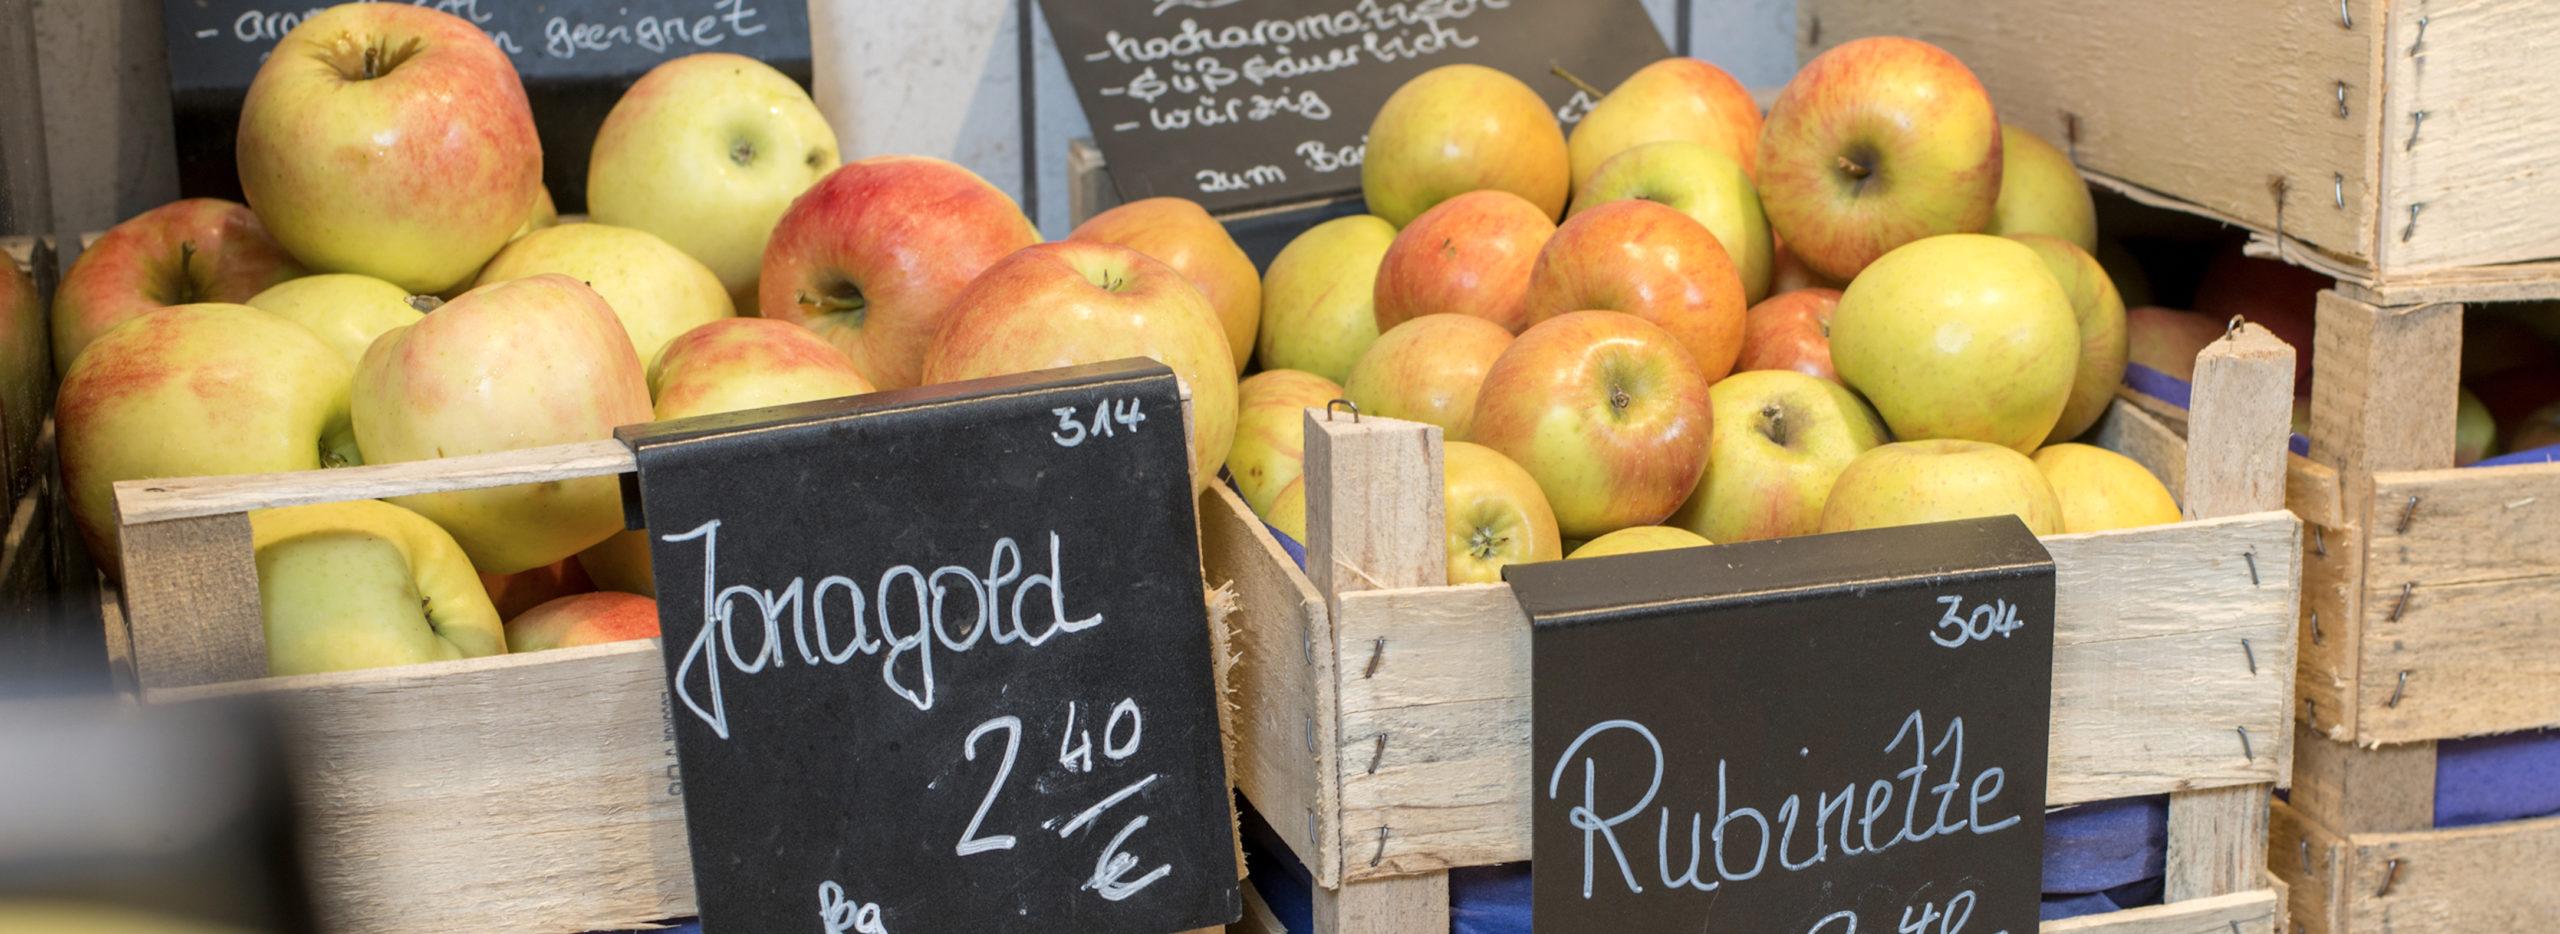 Holzkörbe mit Äpfeln